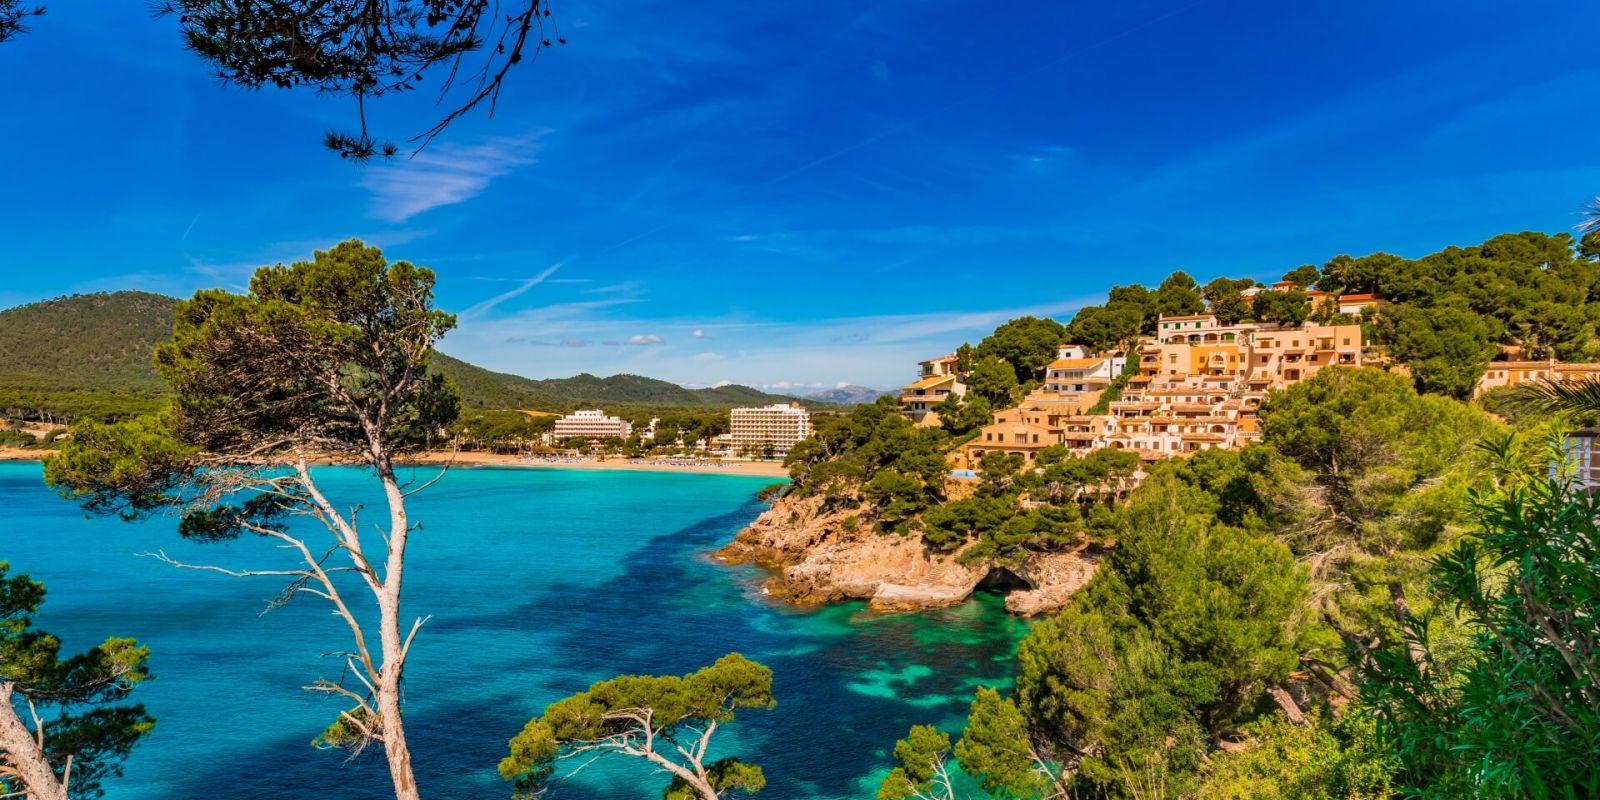 https://www.talamare.fr/medias/L'île de Majorque et le littoral de Canyamel durant une location de yacht aux Baléares